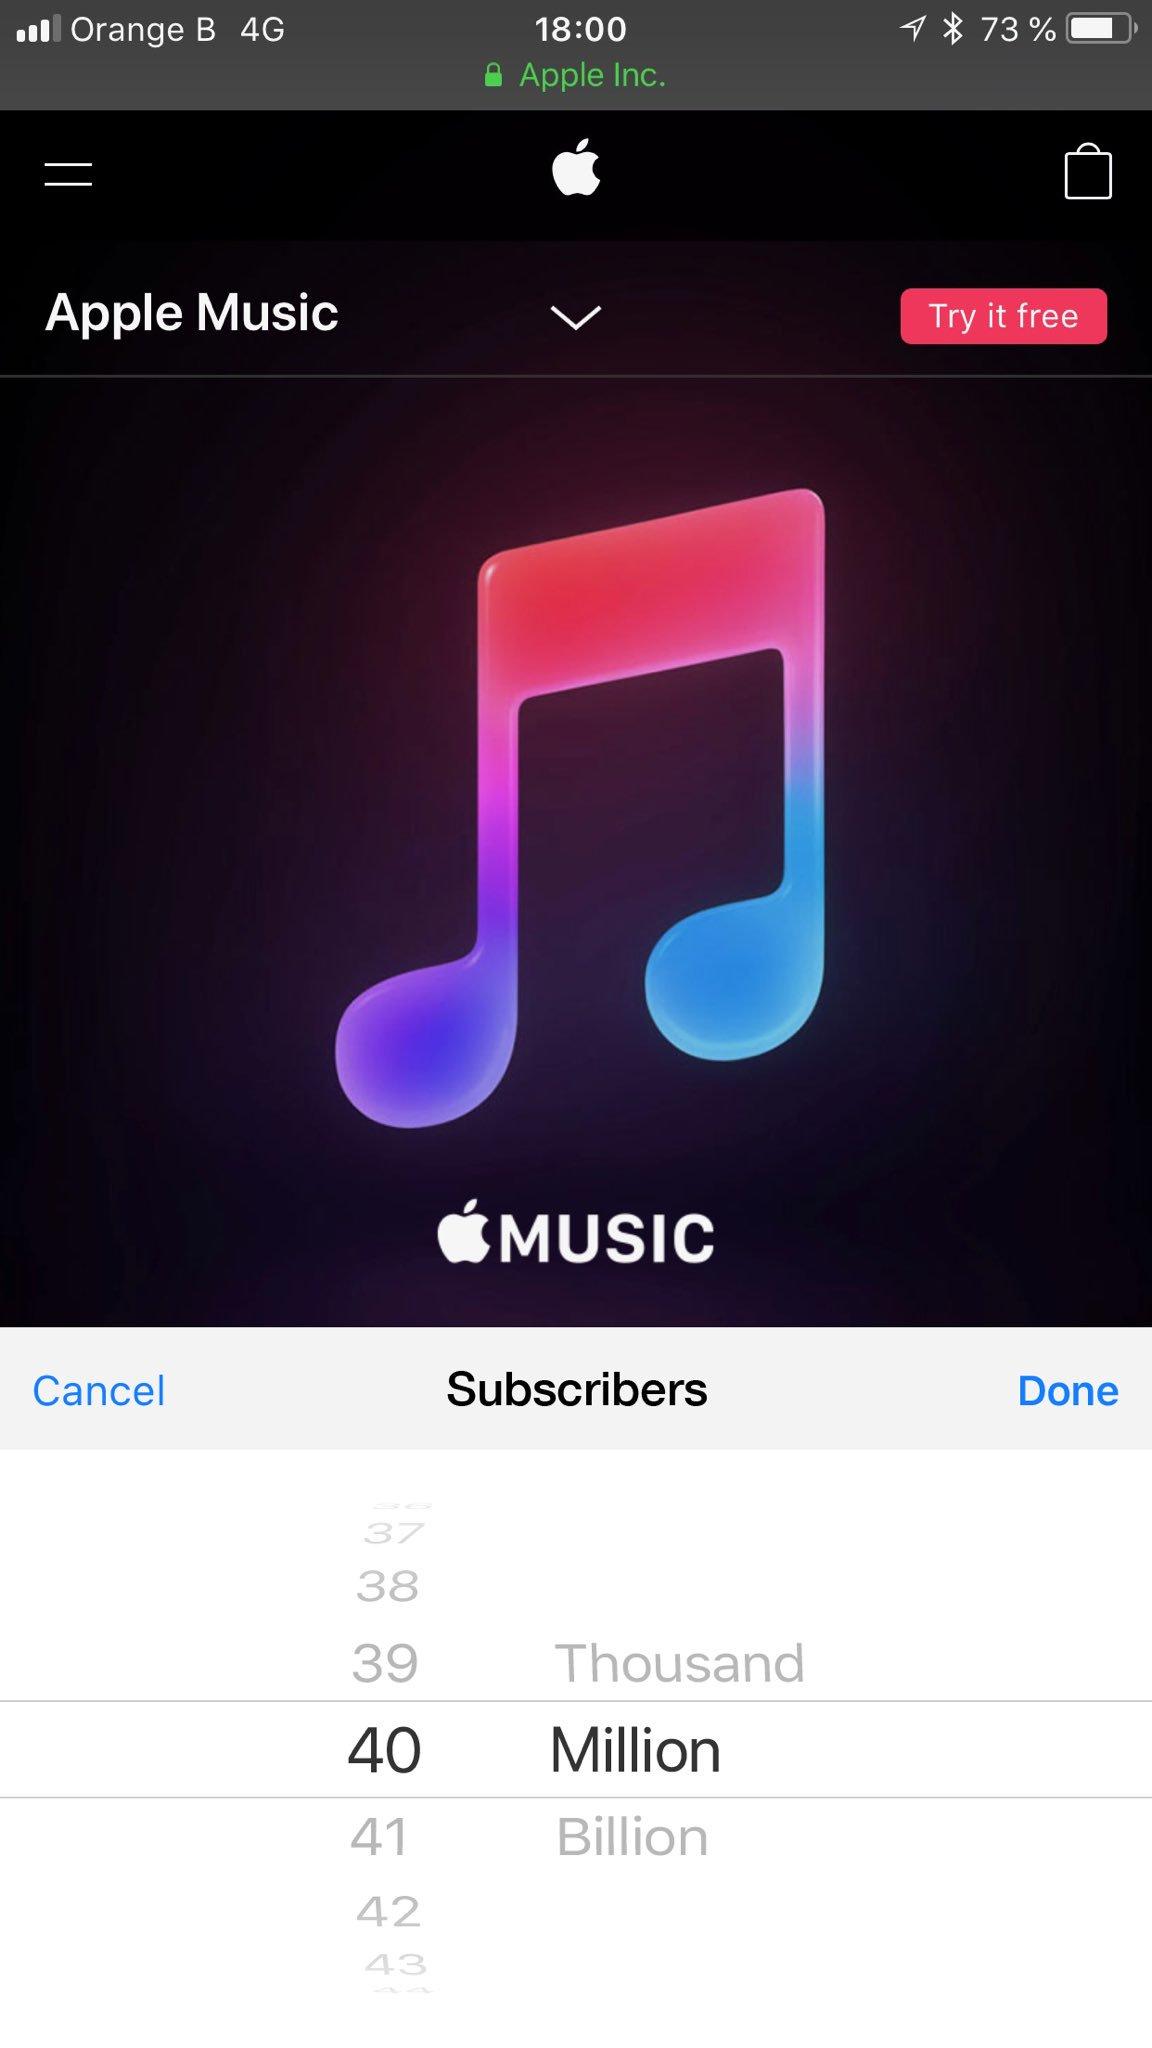 苹果Apple Music全球订阅用户突破4000万